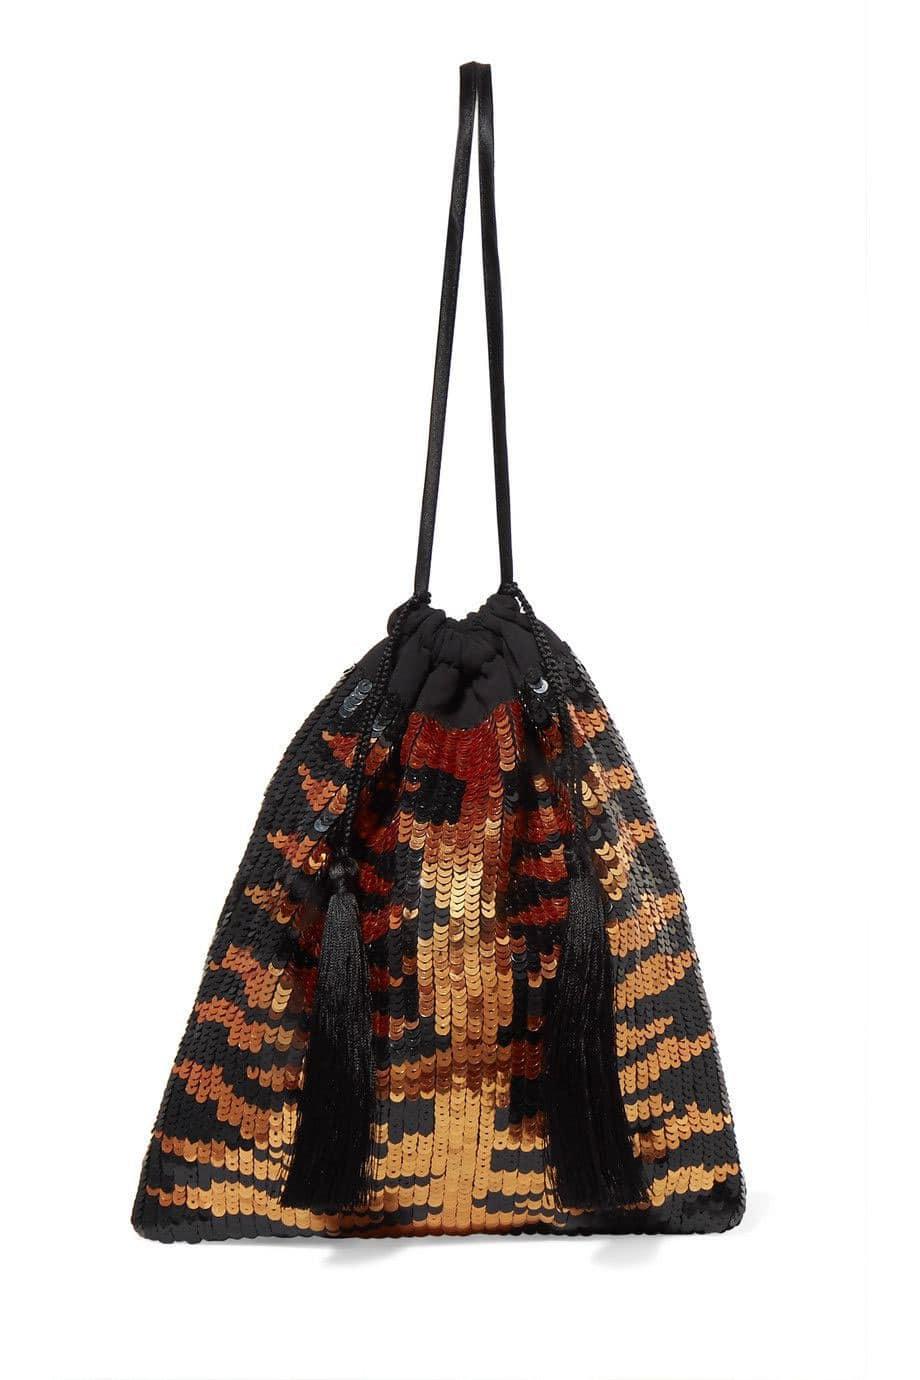 In foto: le borse più belle per l'autunno 2020 - Mia Gravidanza